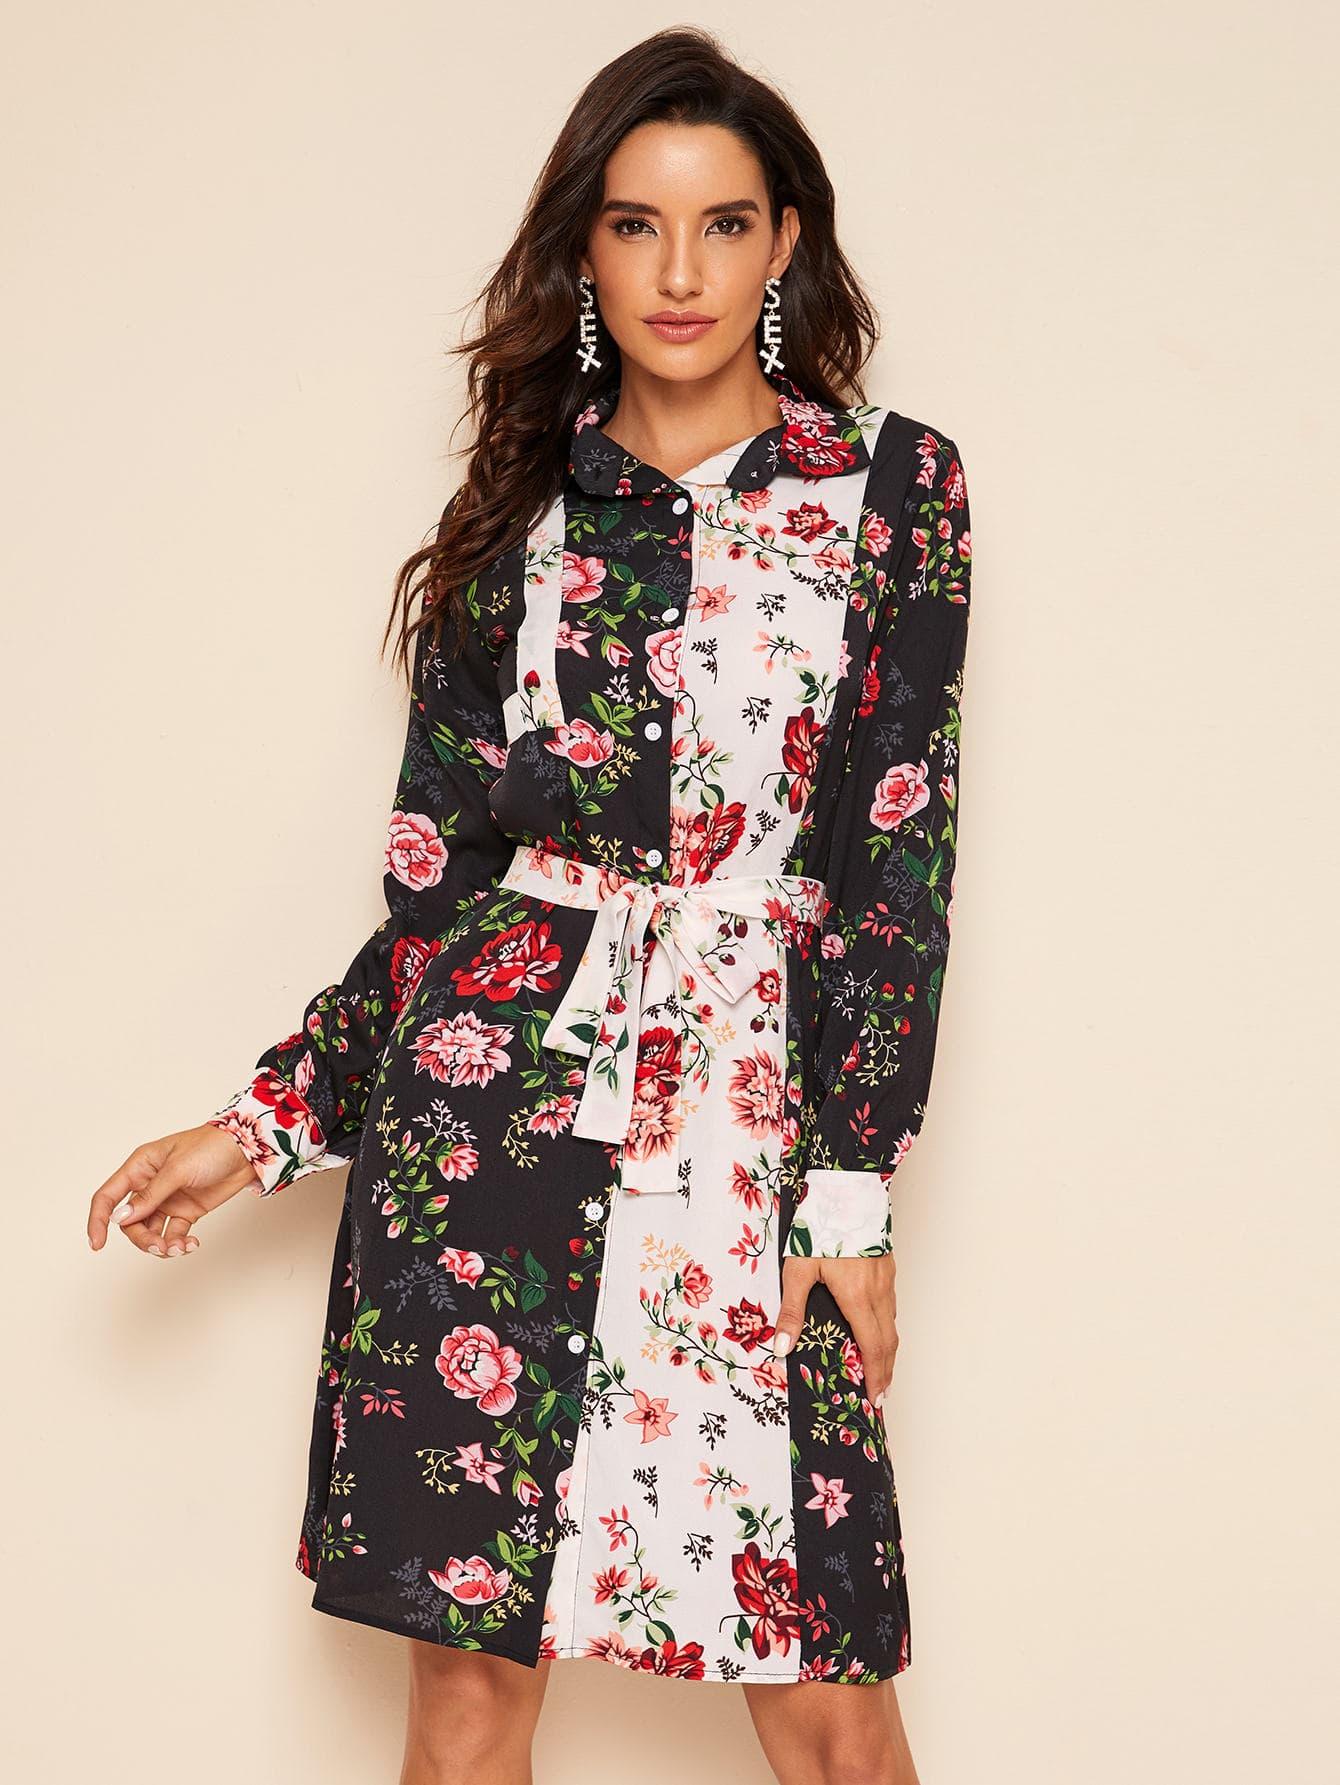 Двухцветное платье-рубашка с цветочным принтом